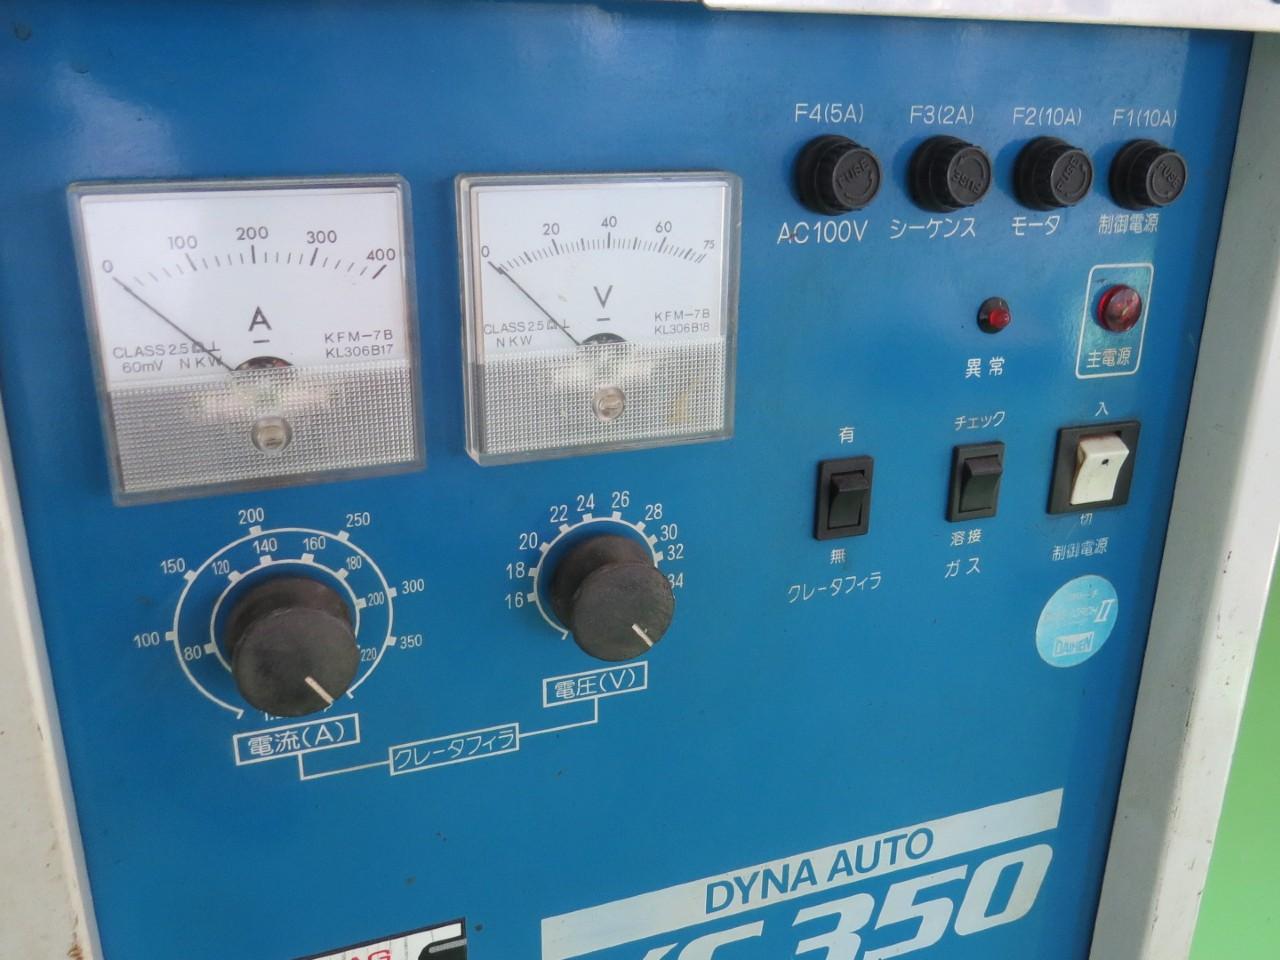 XC350本体アップ